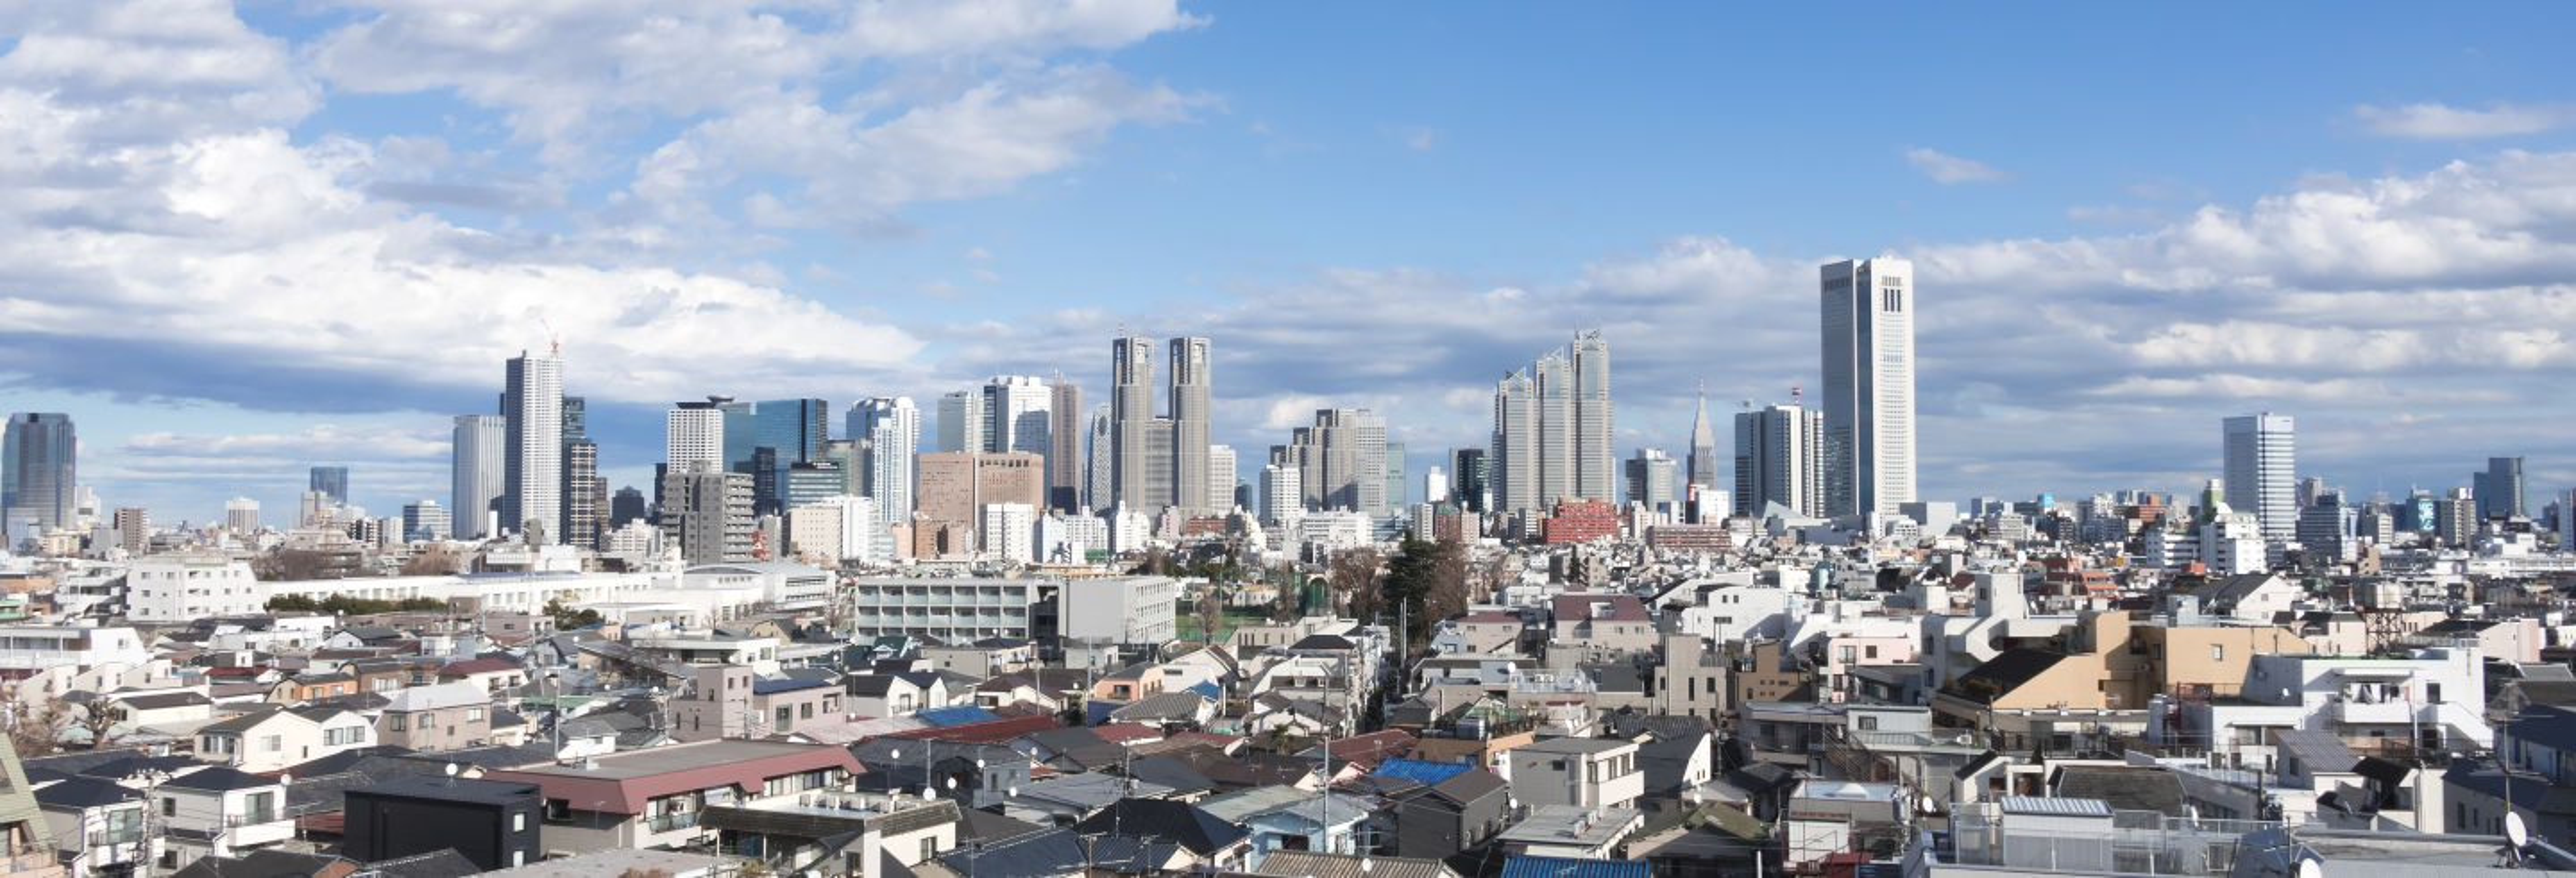 Visite dans Shin-Okubo, Nakano et Shinjuku